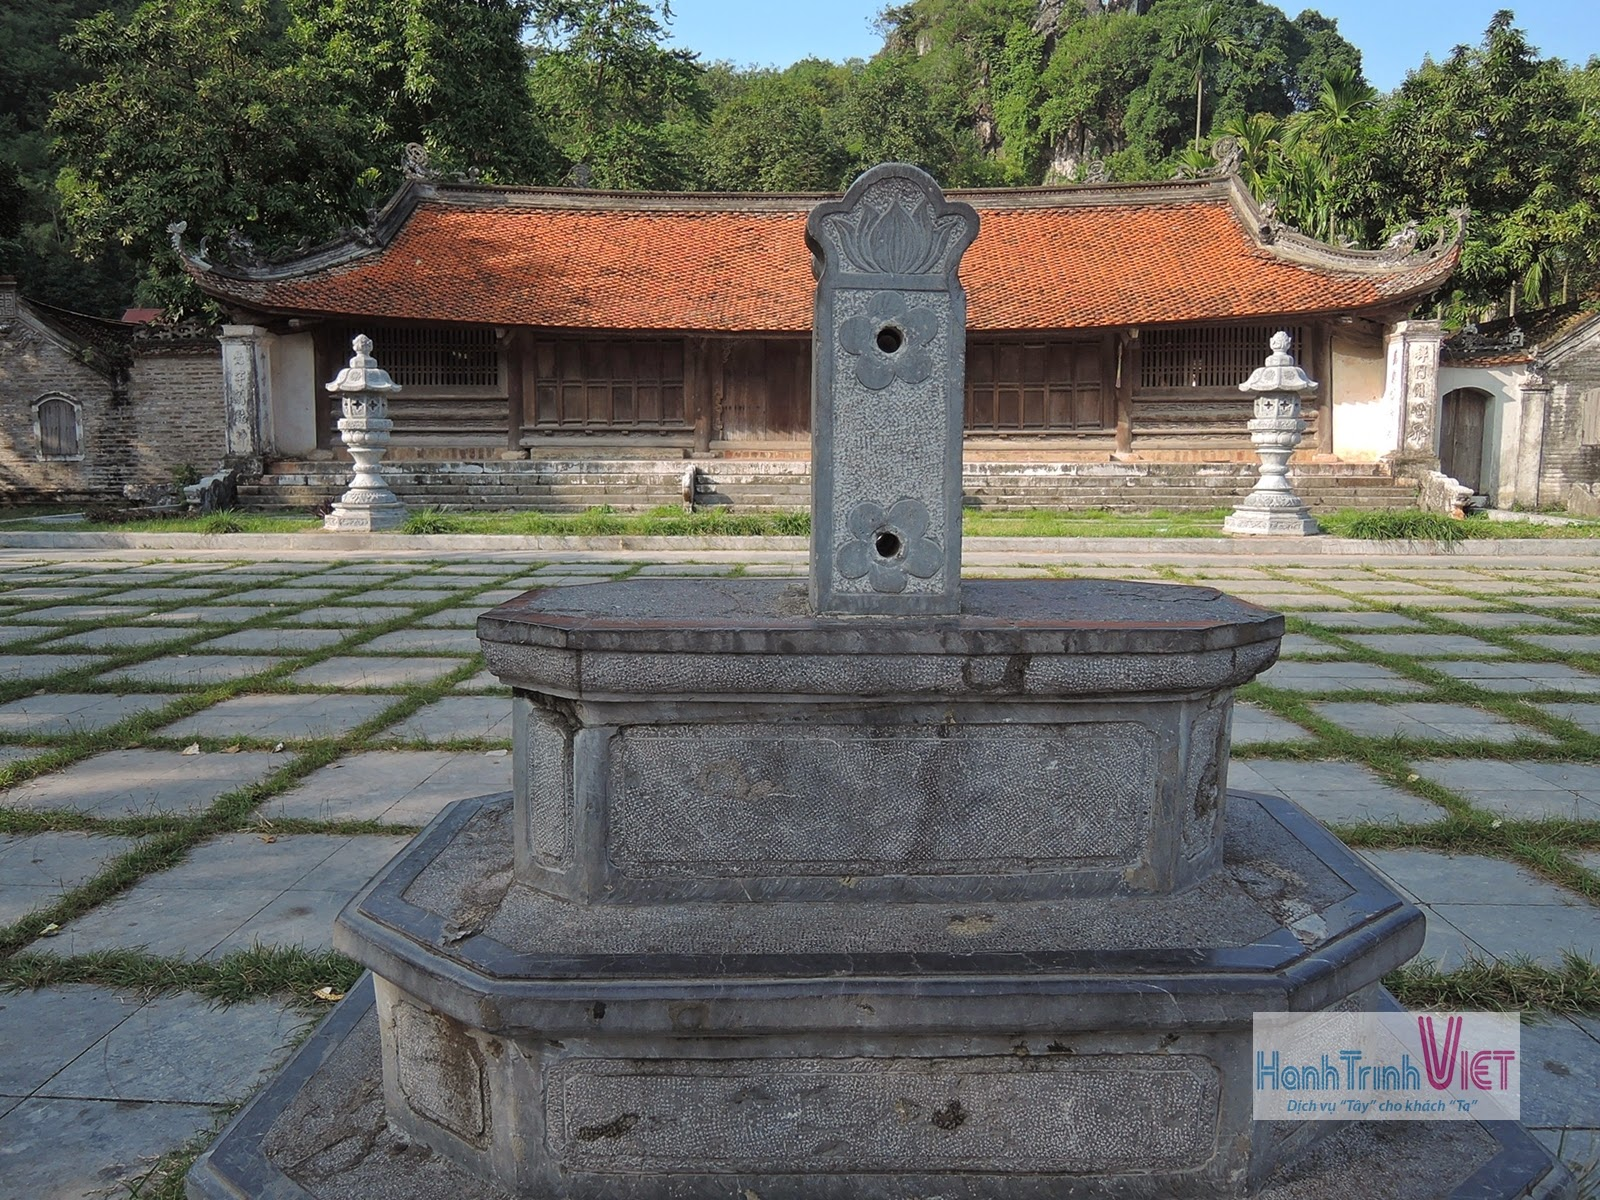 Tham quan chùa Thầy ở Hà Nội